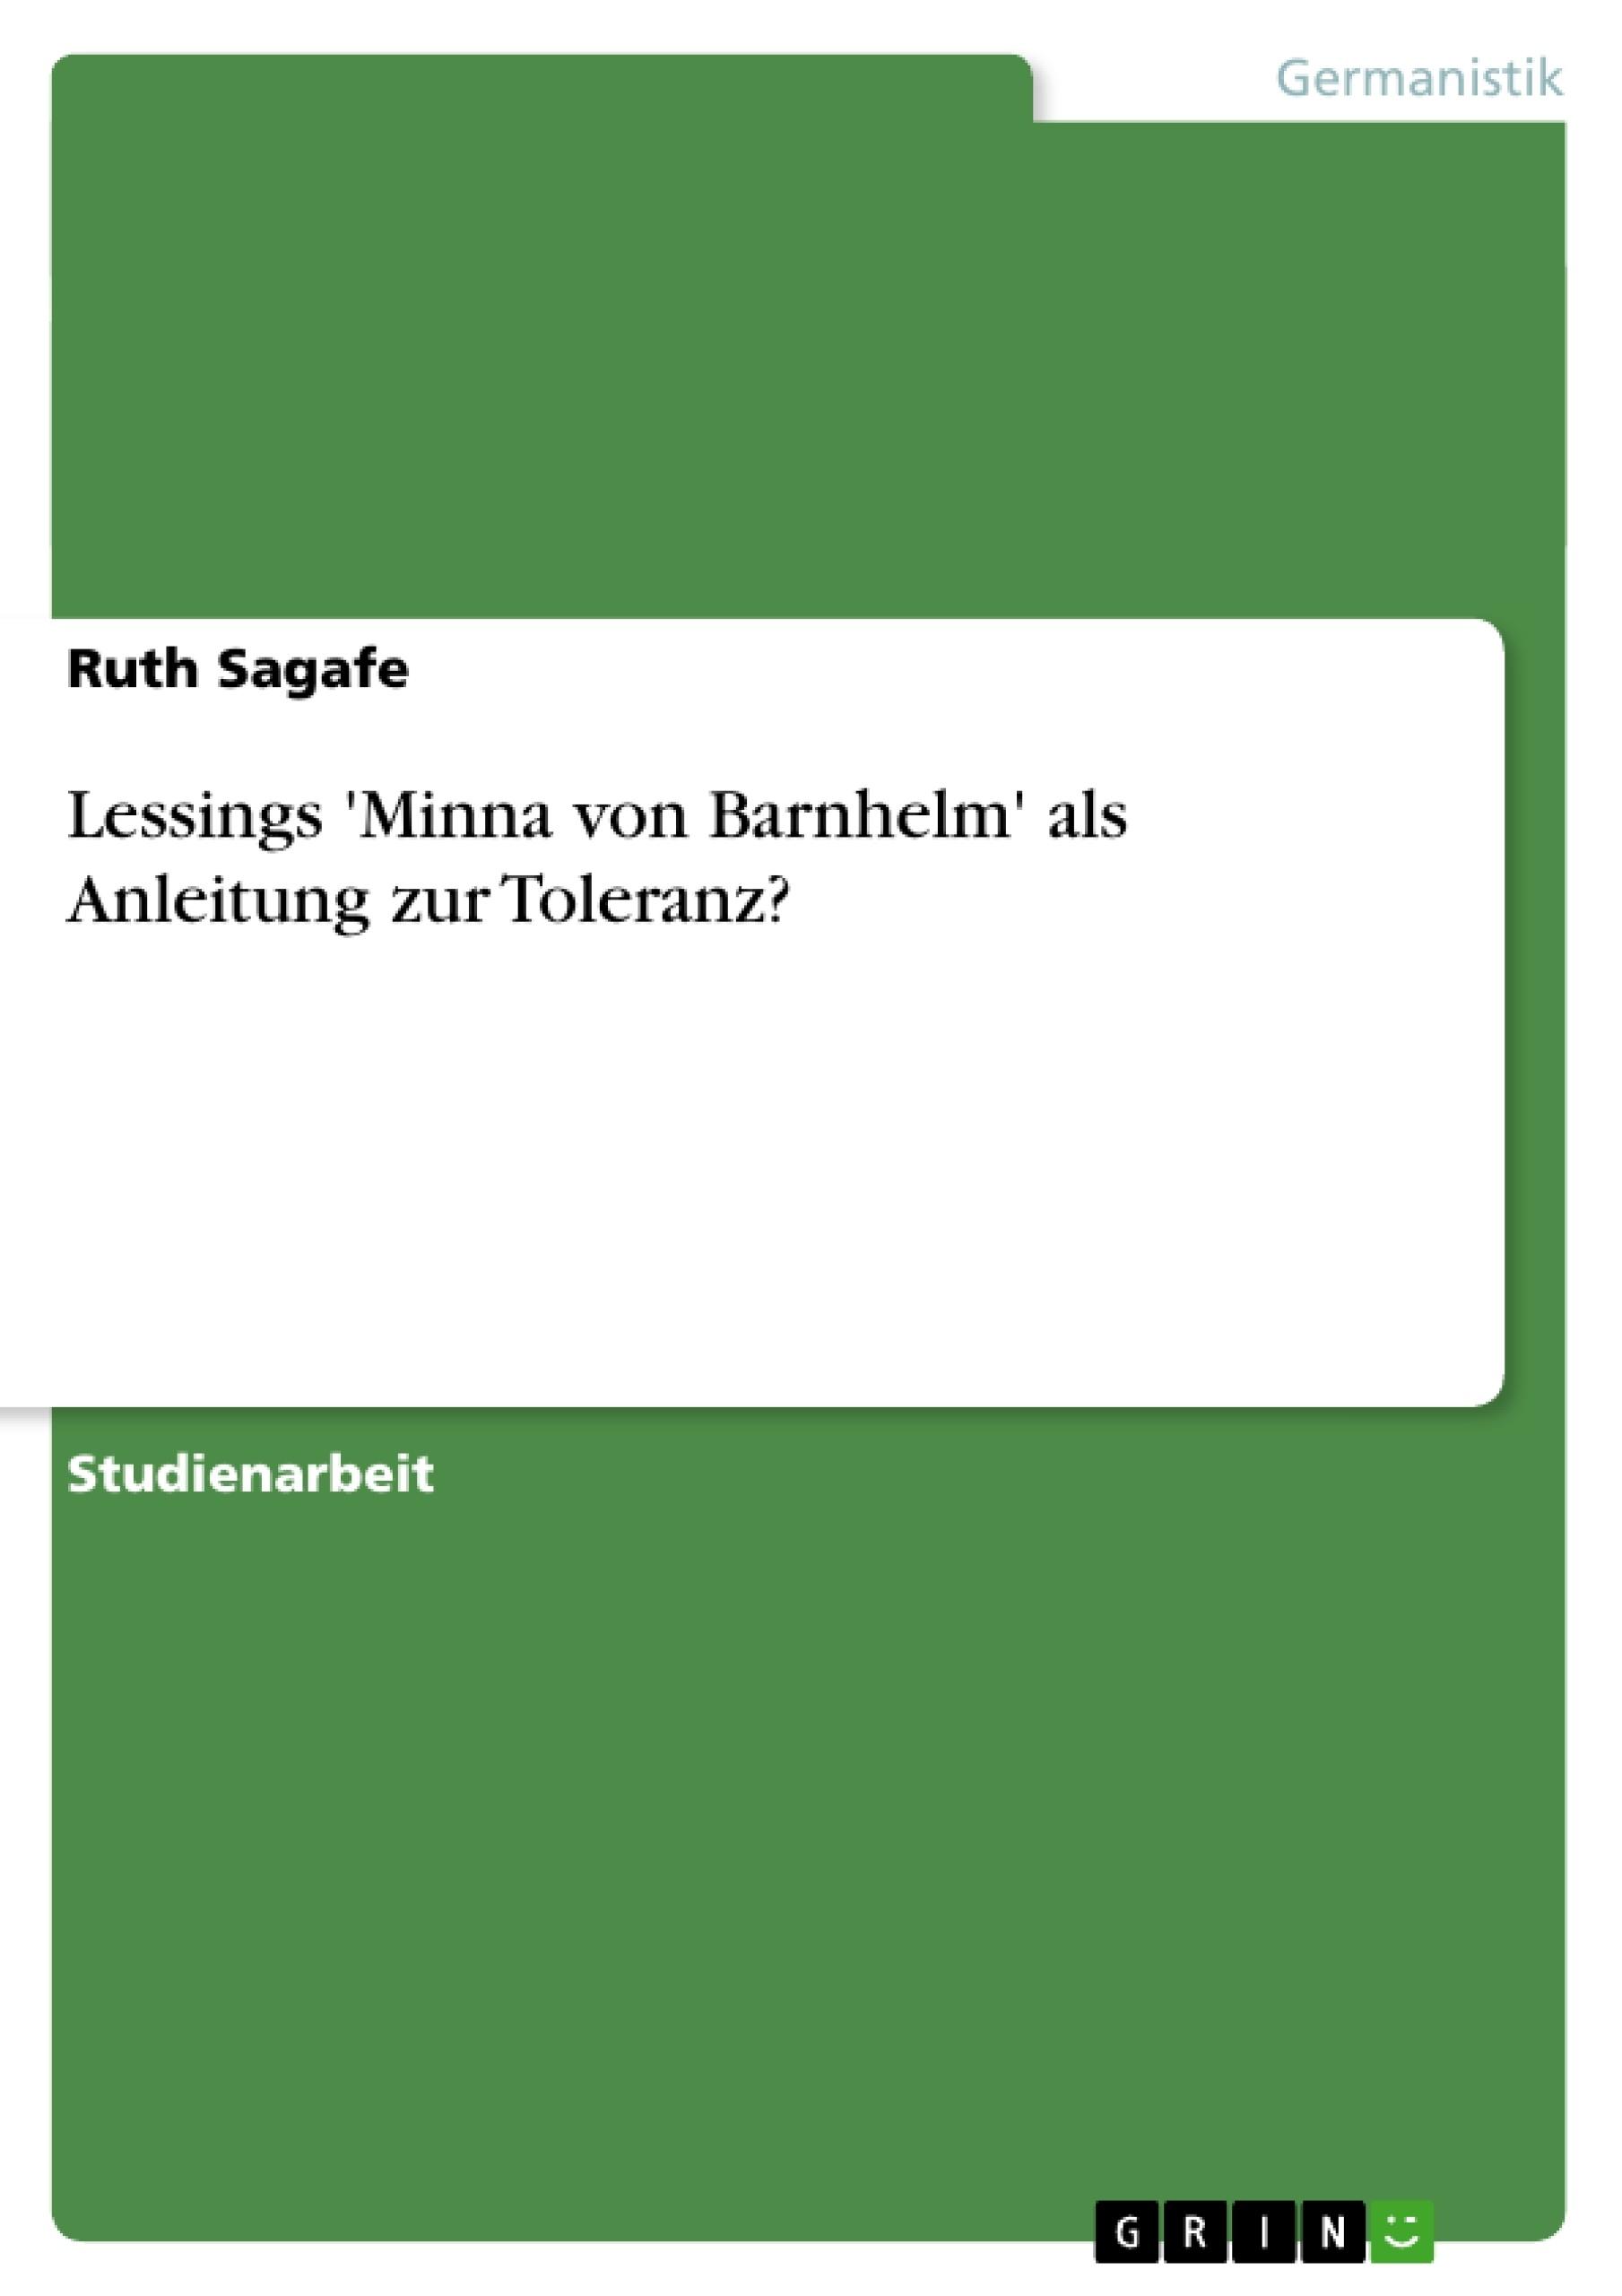 Titel: Lessings 'Minna von Barnhelm' als Anleitung zur Toleranz?